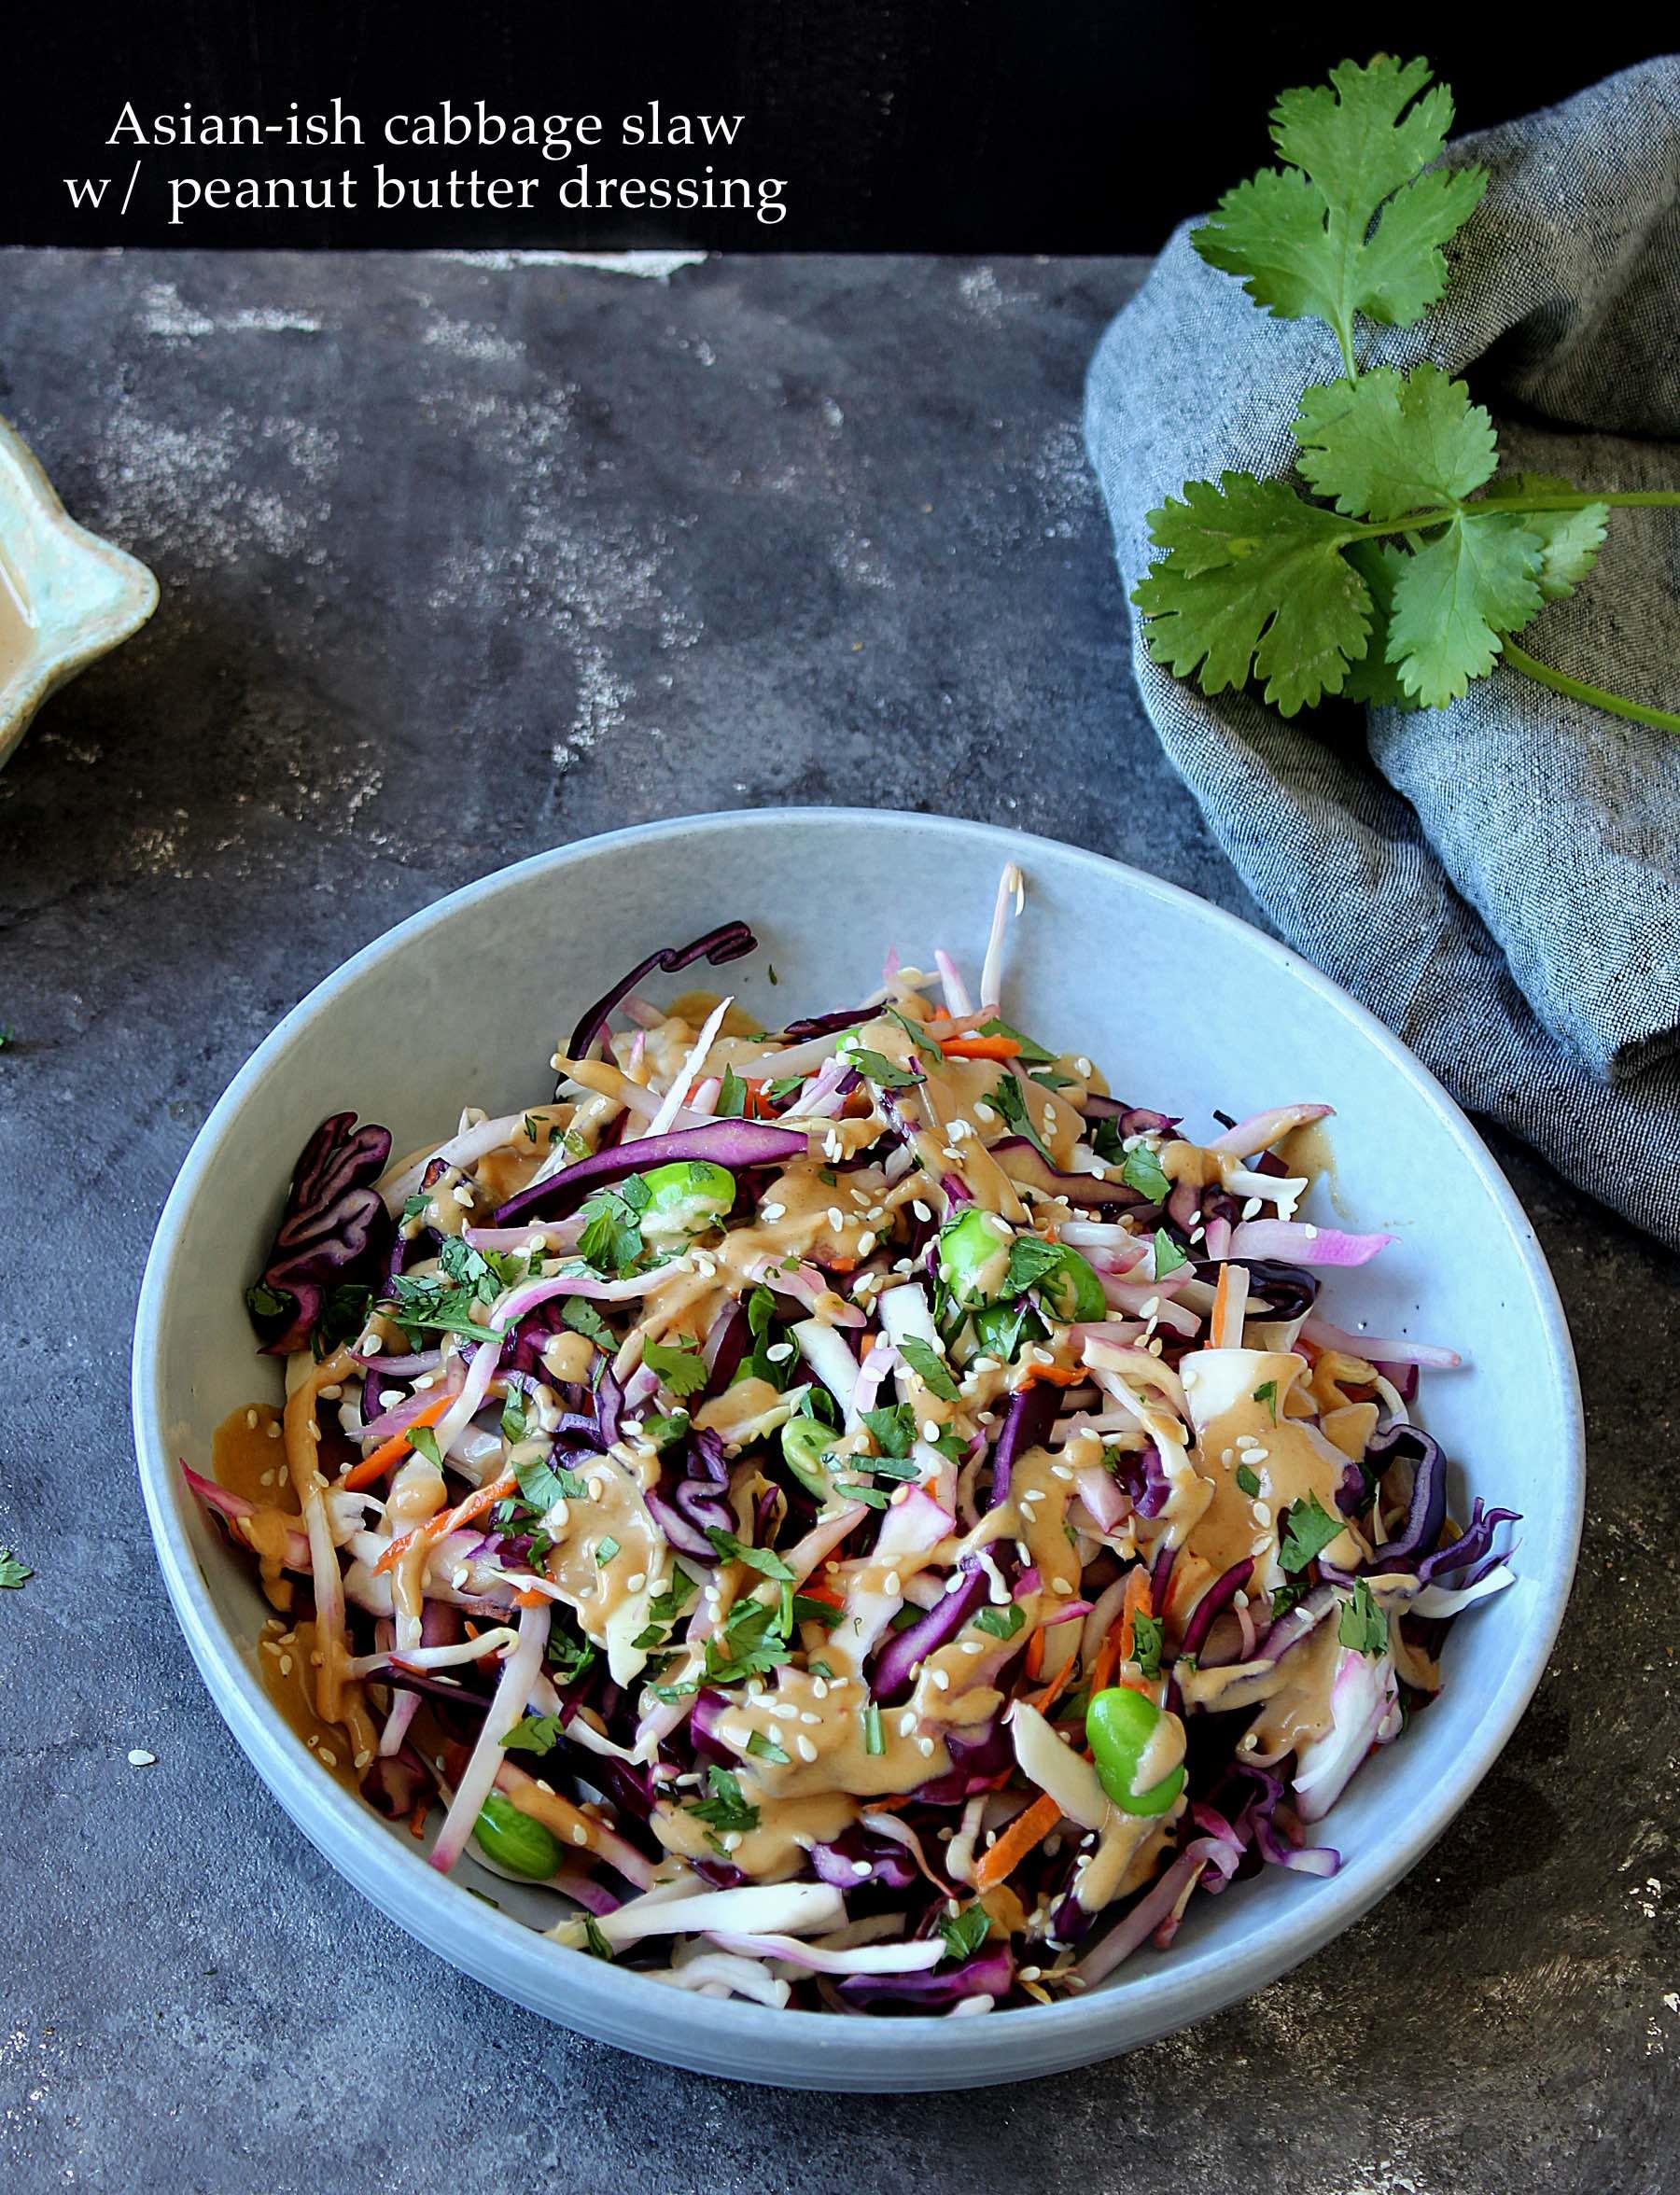 Salade colorée d'inspiration asiatique, sauce au beurre de cacahuète